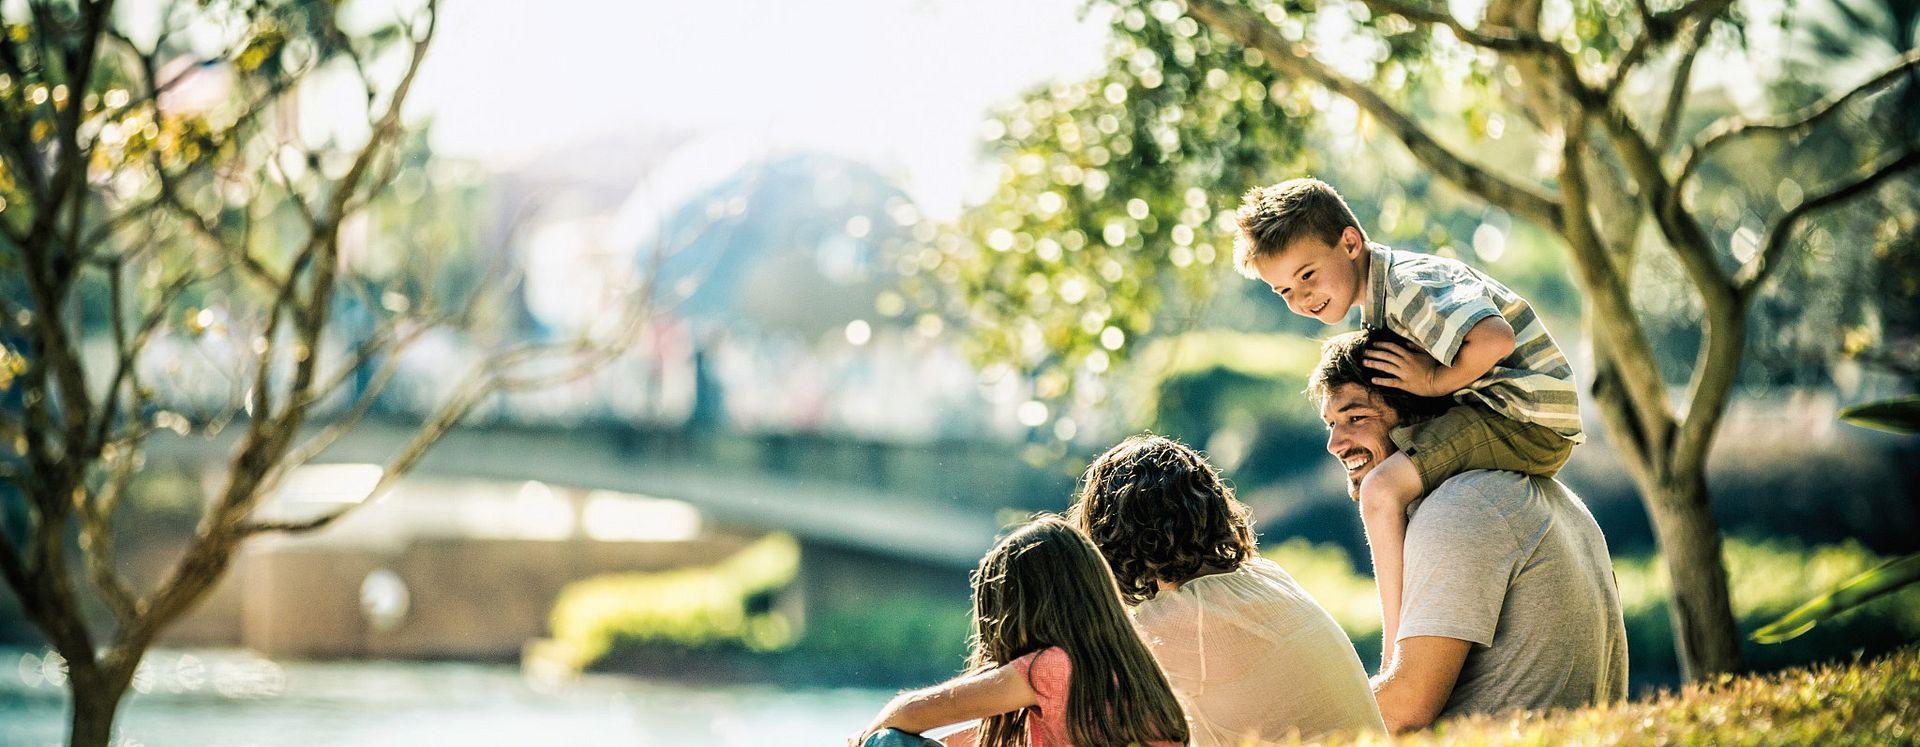 Family fun at Lake Eola park